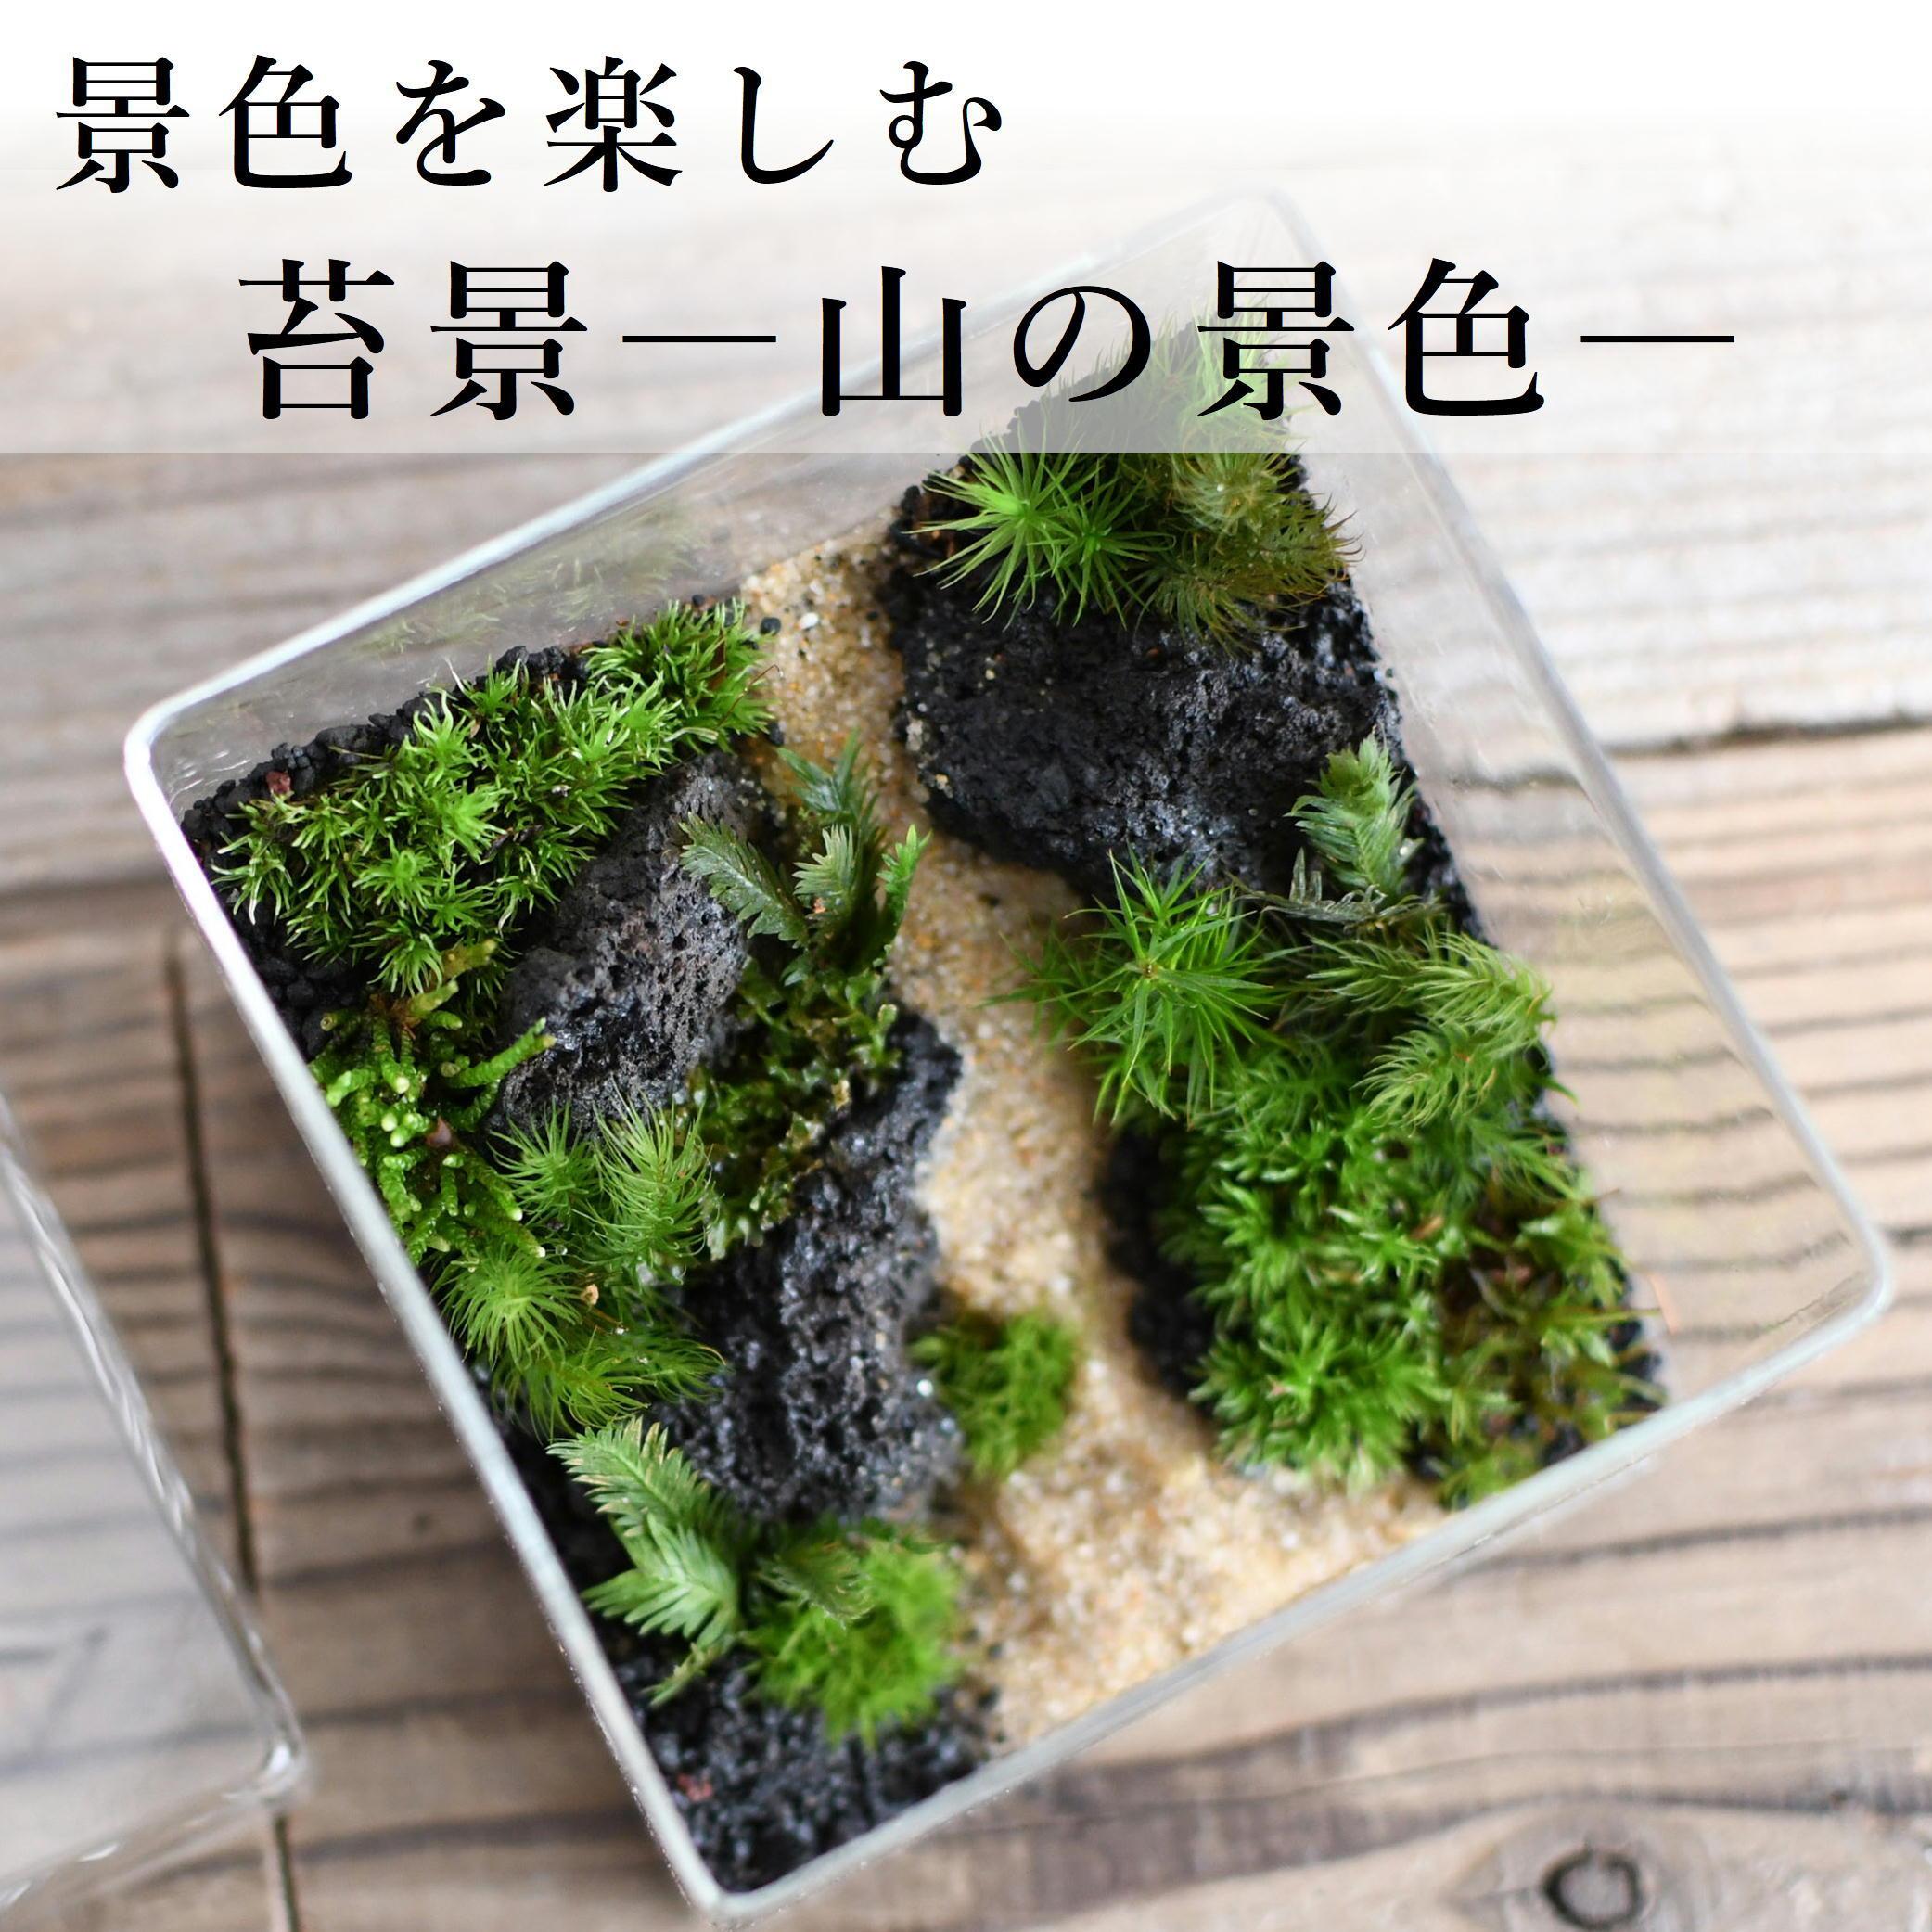 【景色を楽しむ苔テラリウム】苔景−山の景色− BOX Lsize